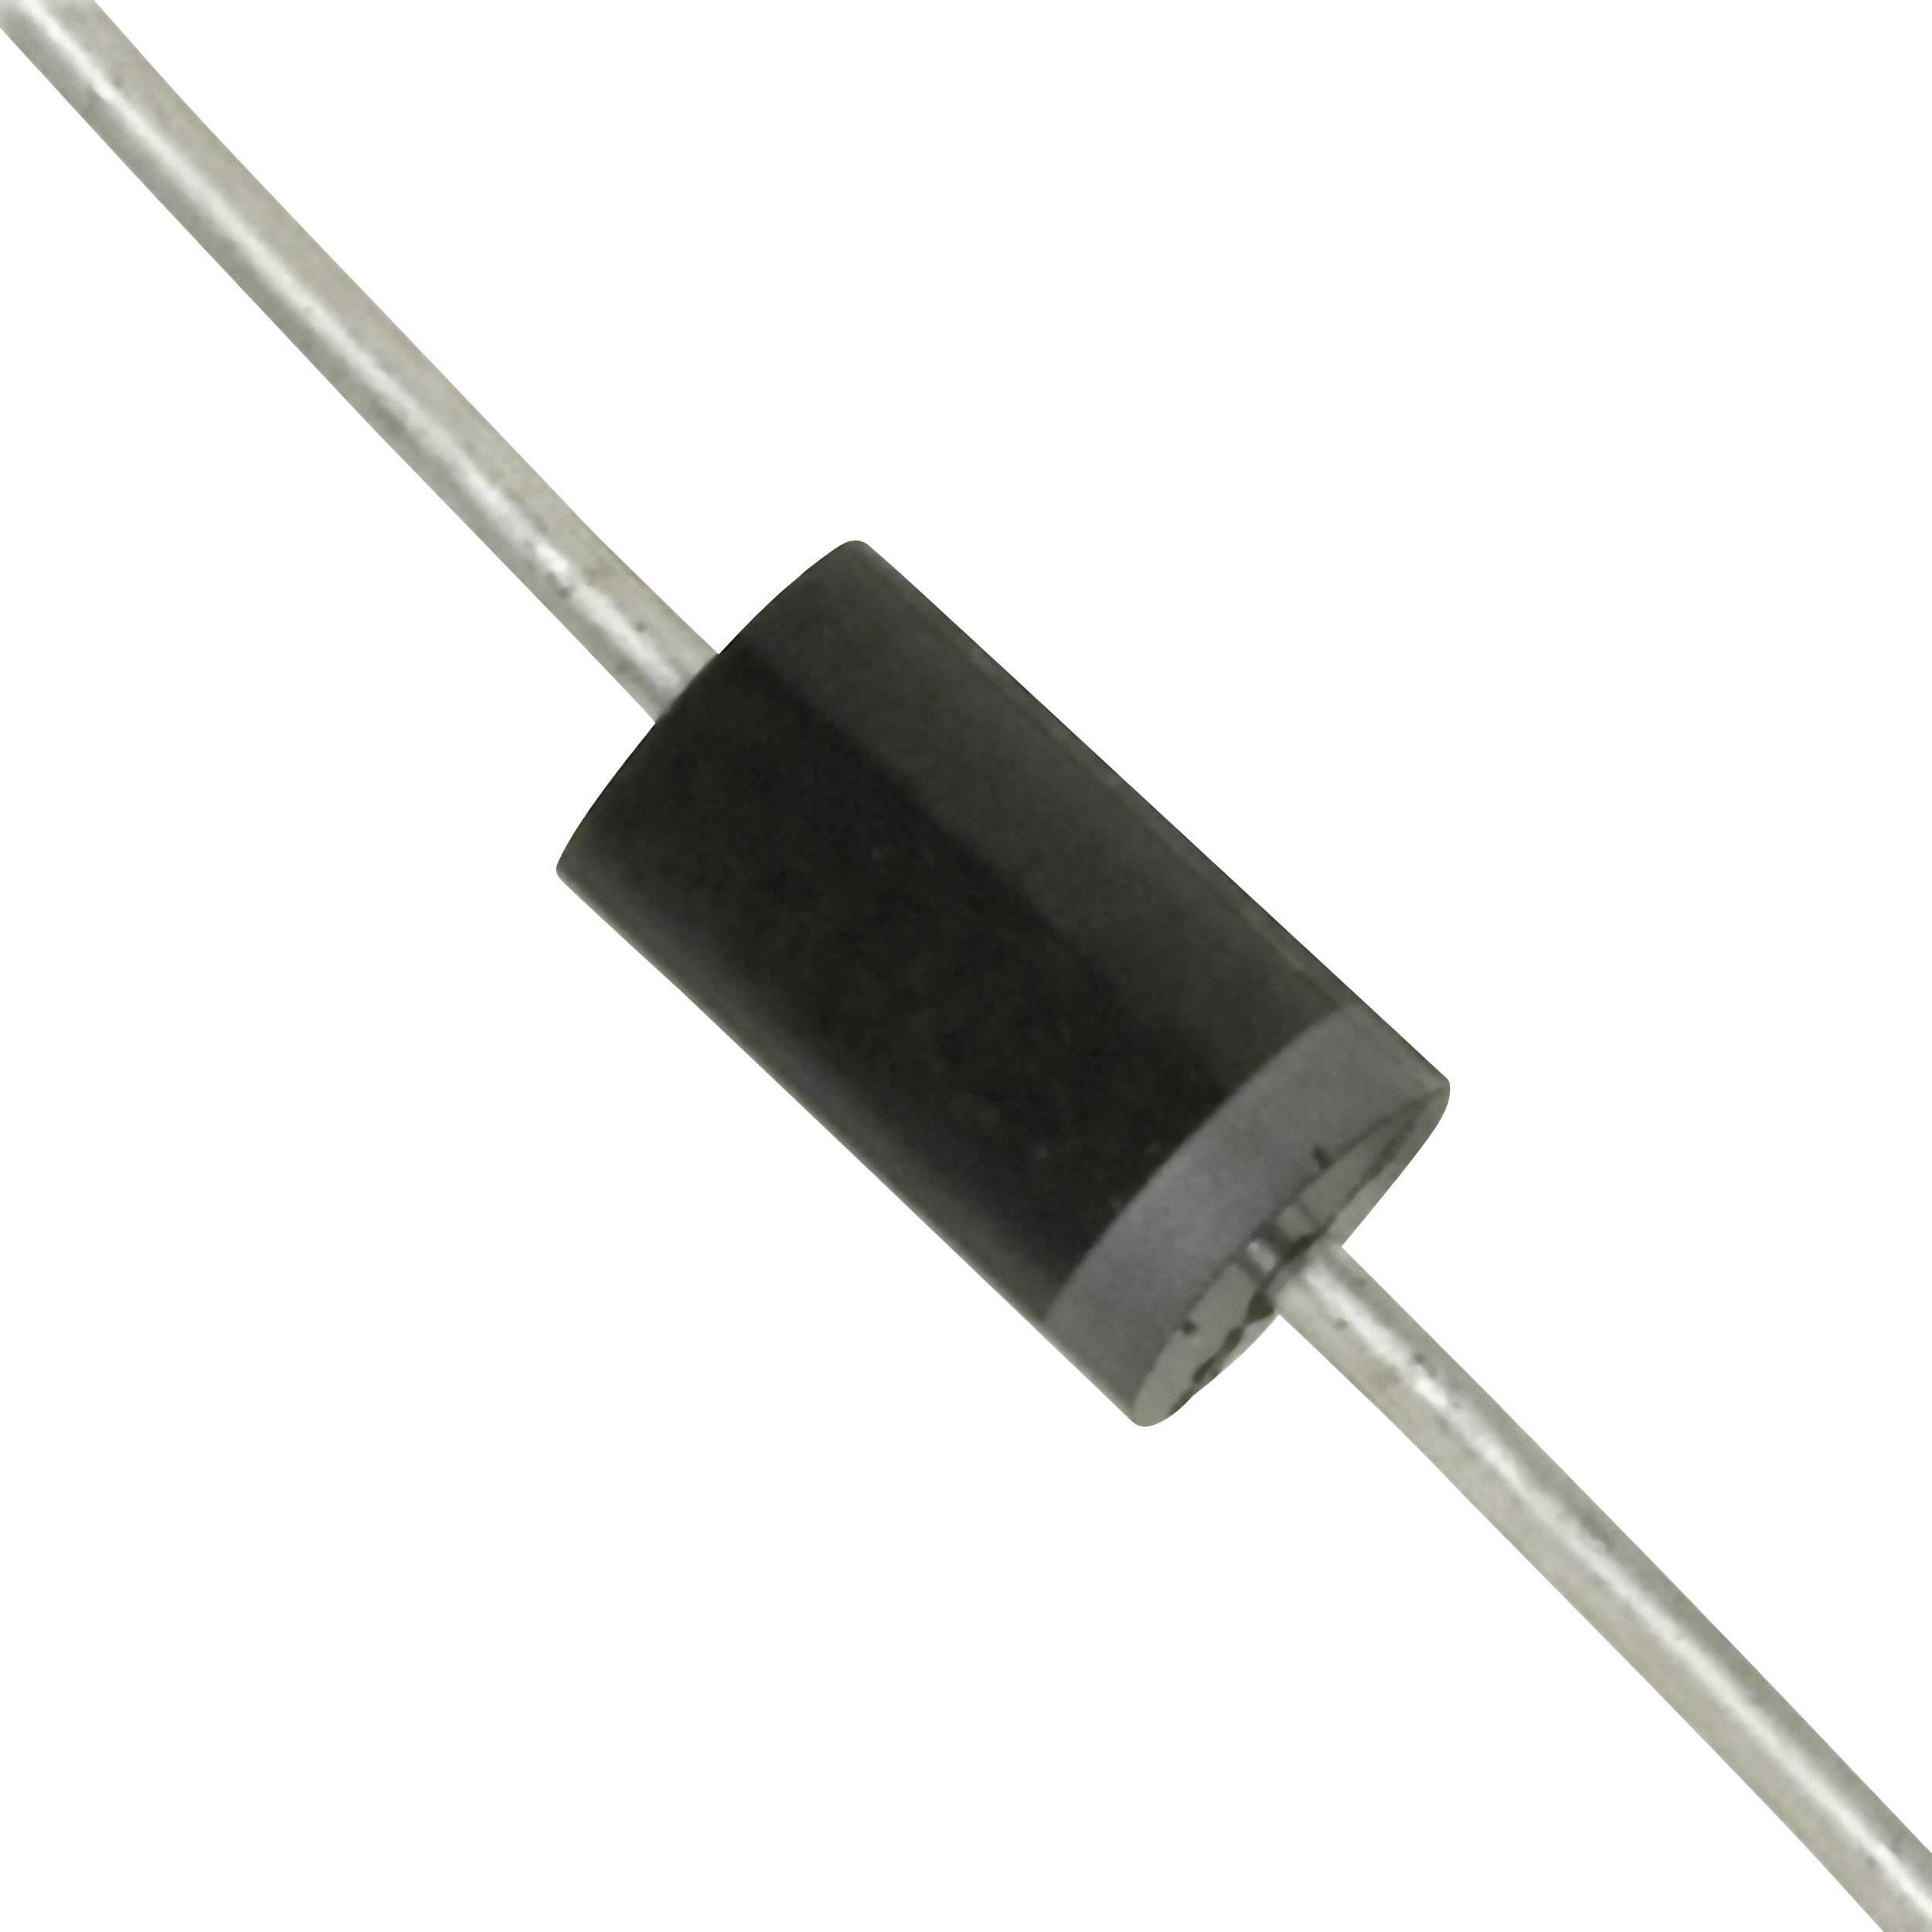 Zenerova dioda Diotec ZPD 9,1 V, 500 mW, DO 35 P